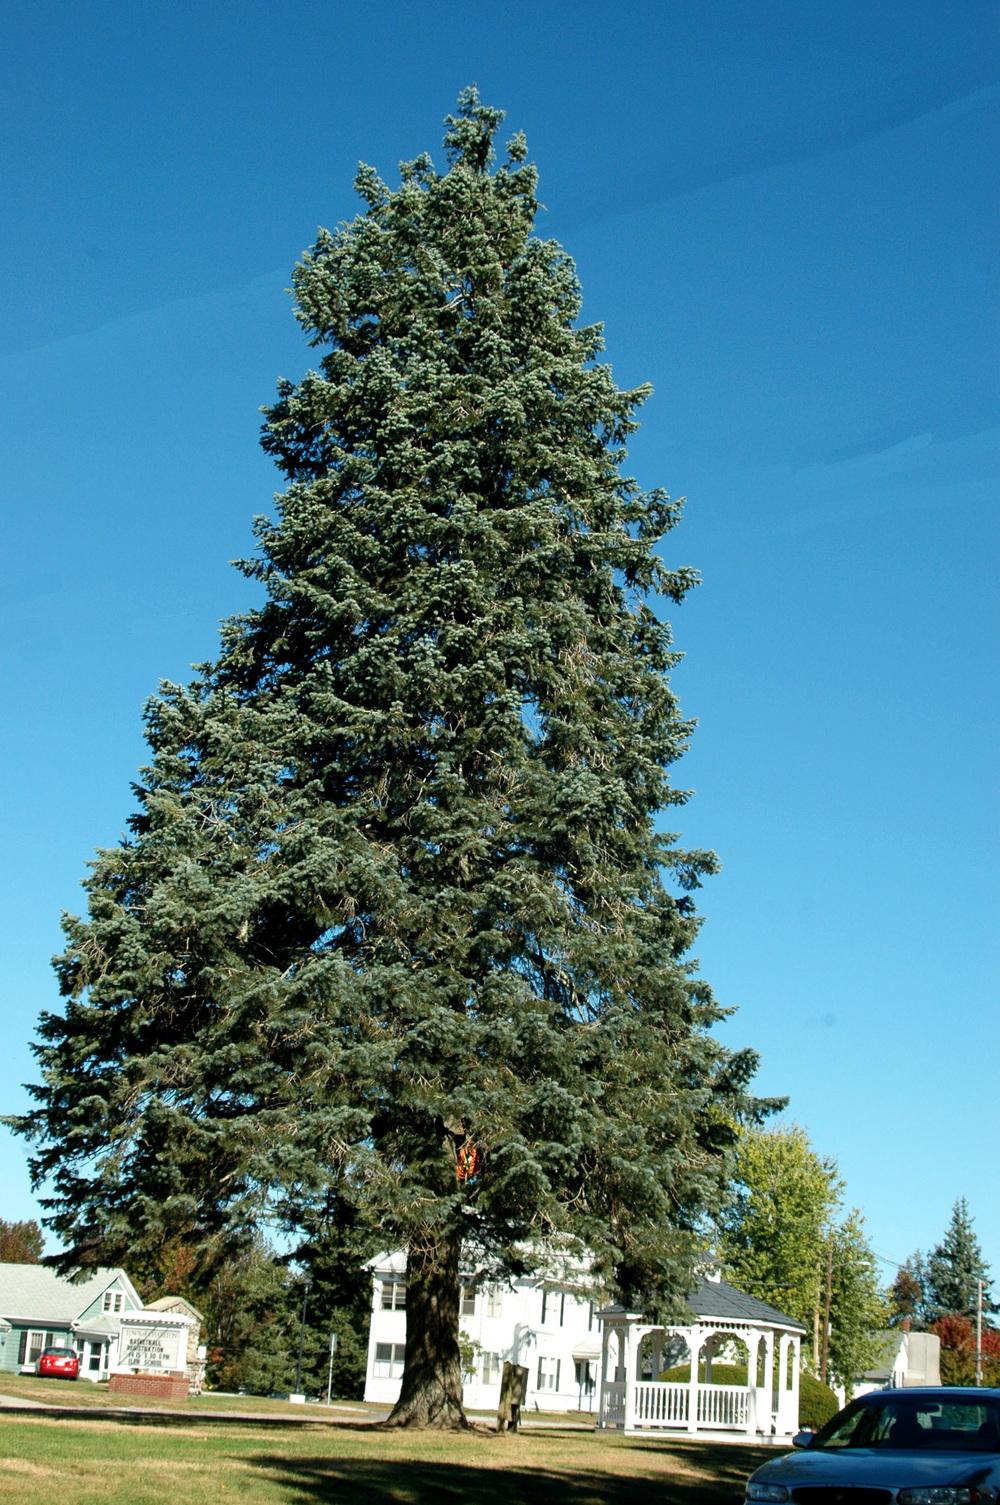 spruce-tree-edmonton-alberta-stalbert